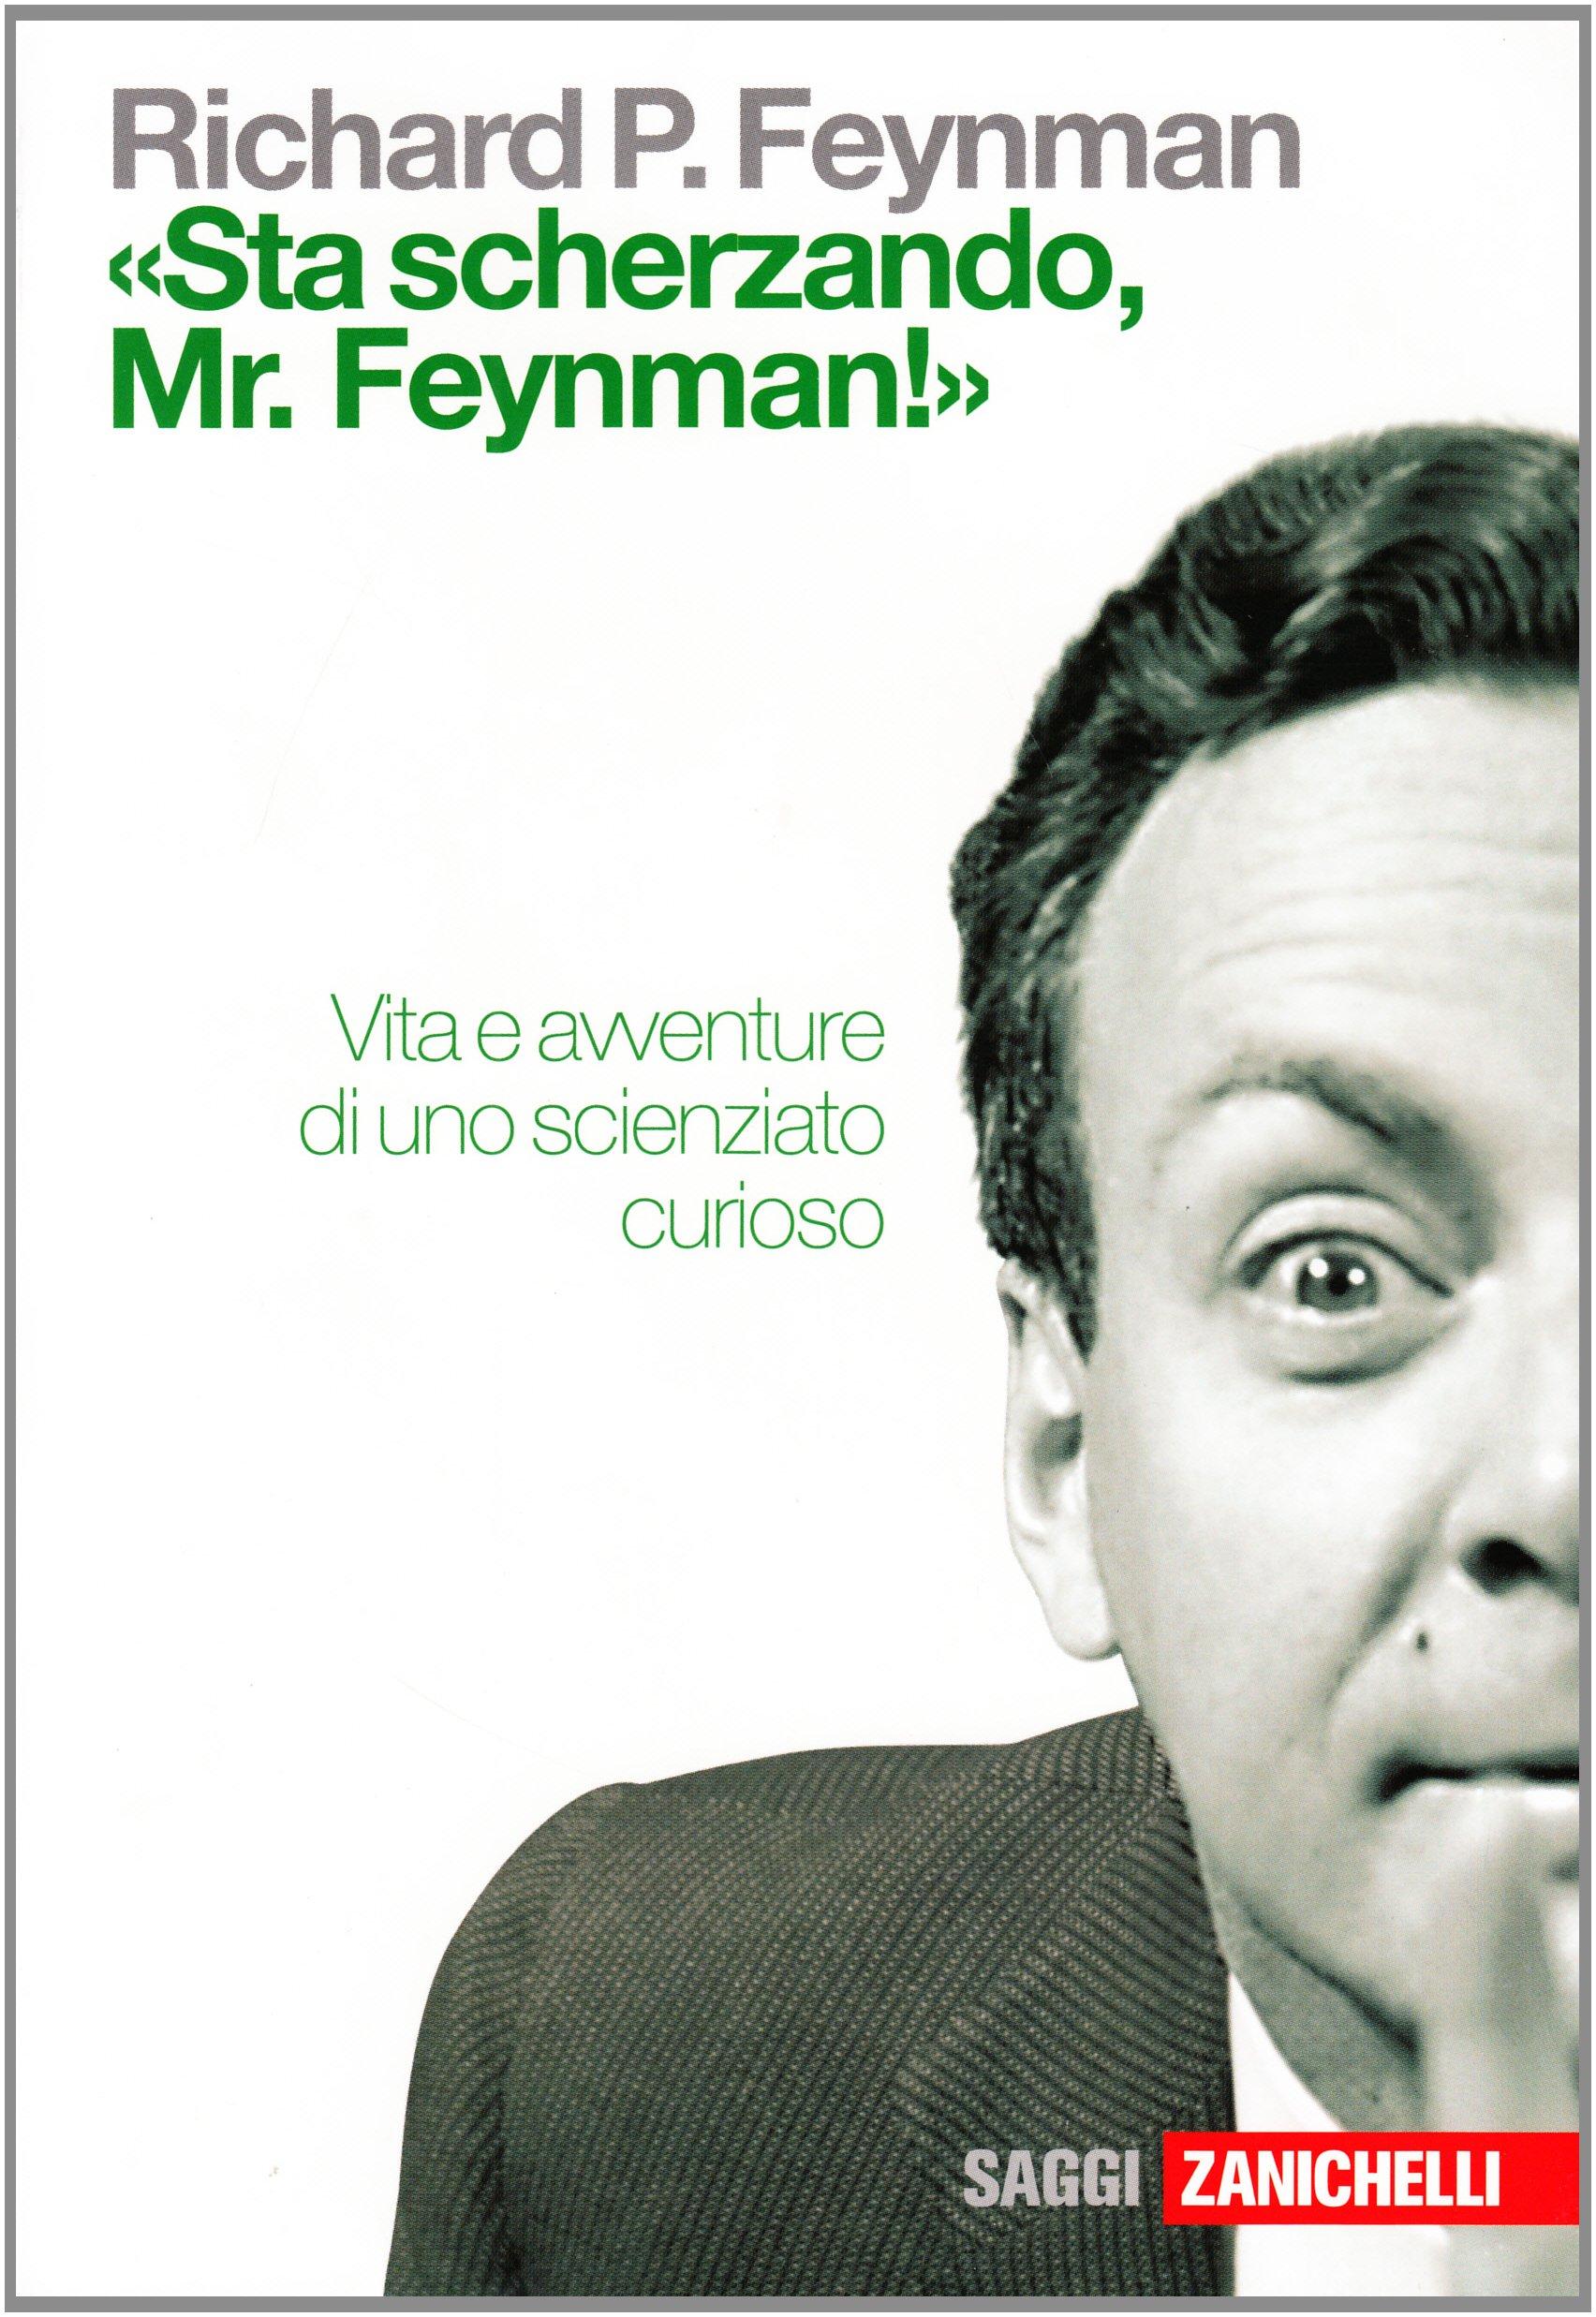 «Sta scherzando Mr. Feynman!» Vita e avventure di uno scienziato curioso Copertina flessibile – 15 ott 2007 Richard P. Feynman Zanichelli 8808066274 SCIENZE PURE